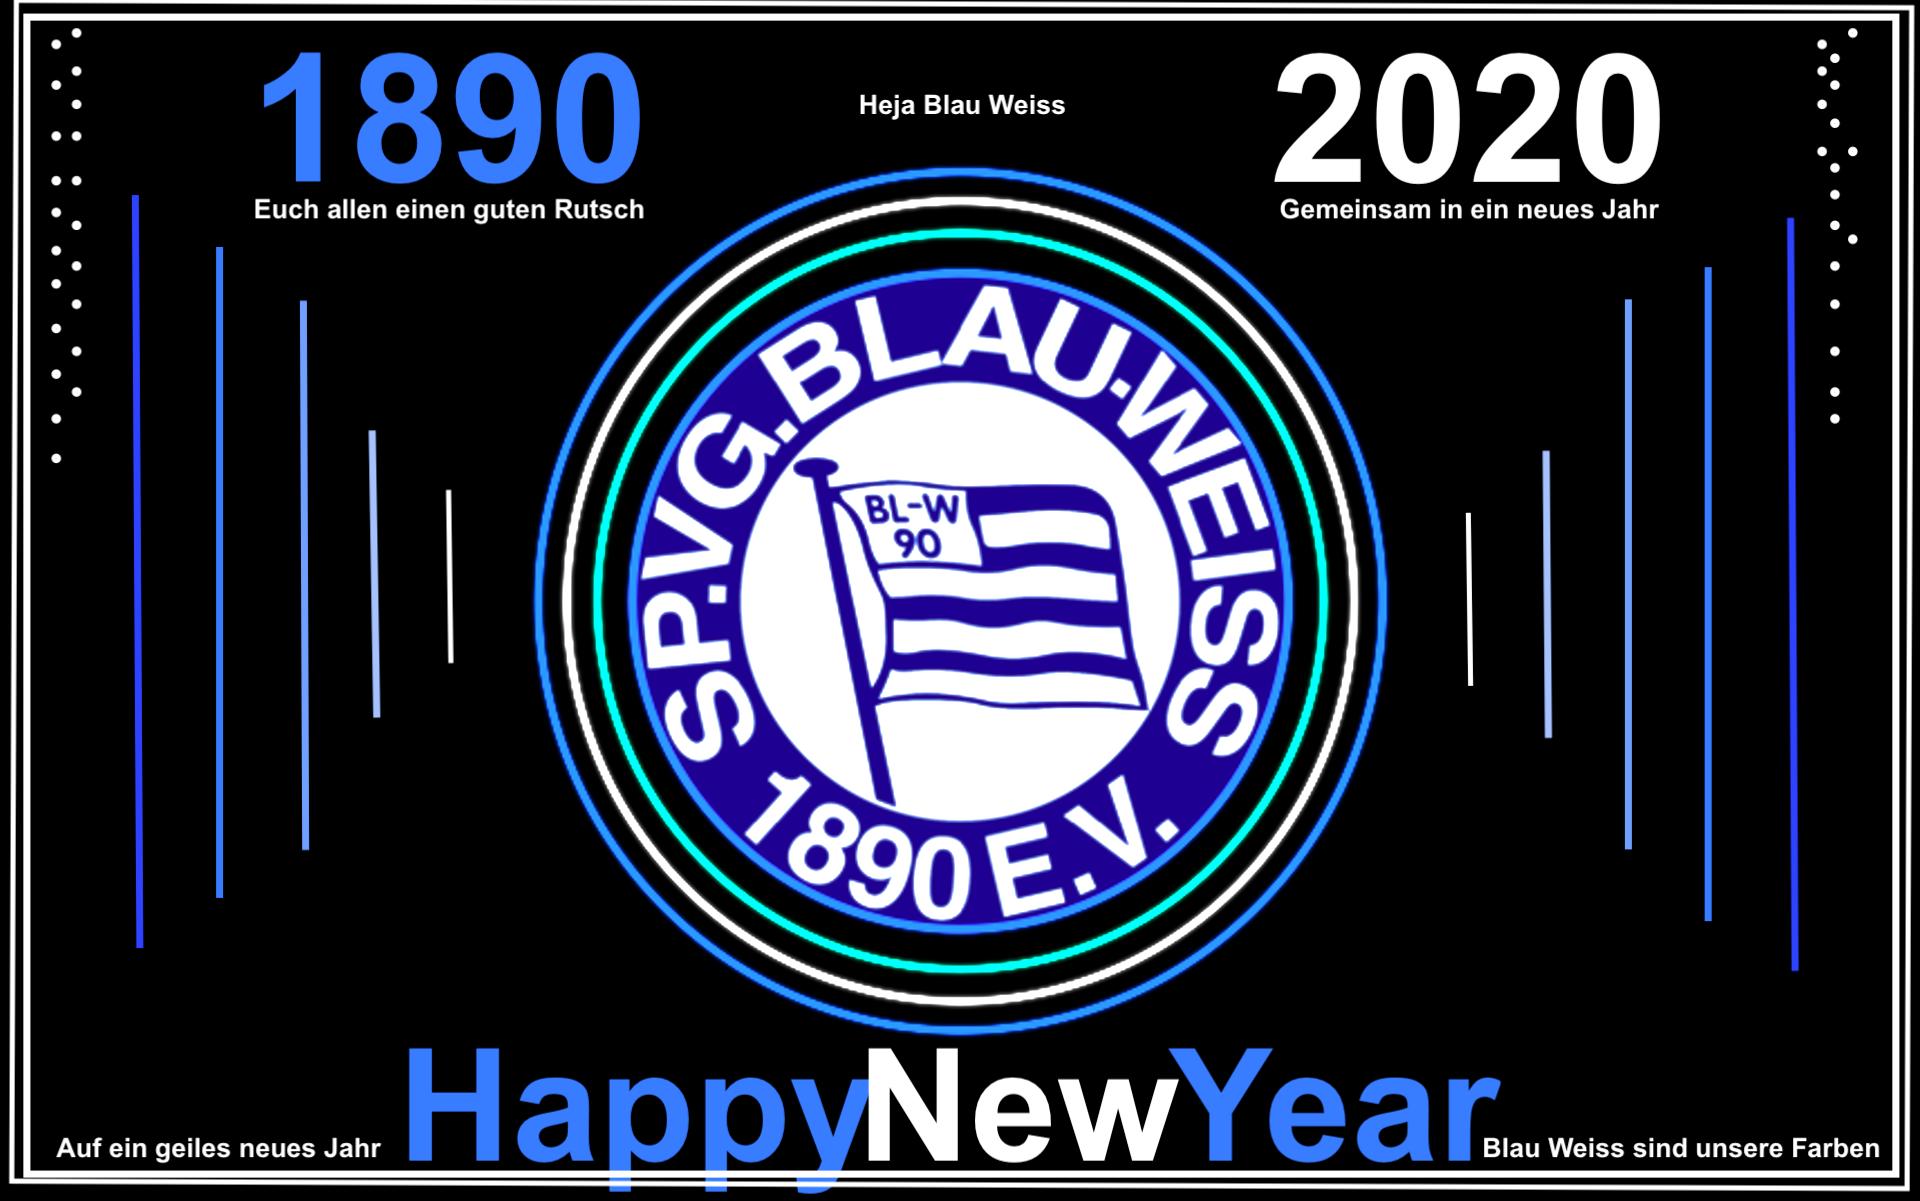 Hinein ins Jahr 2020